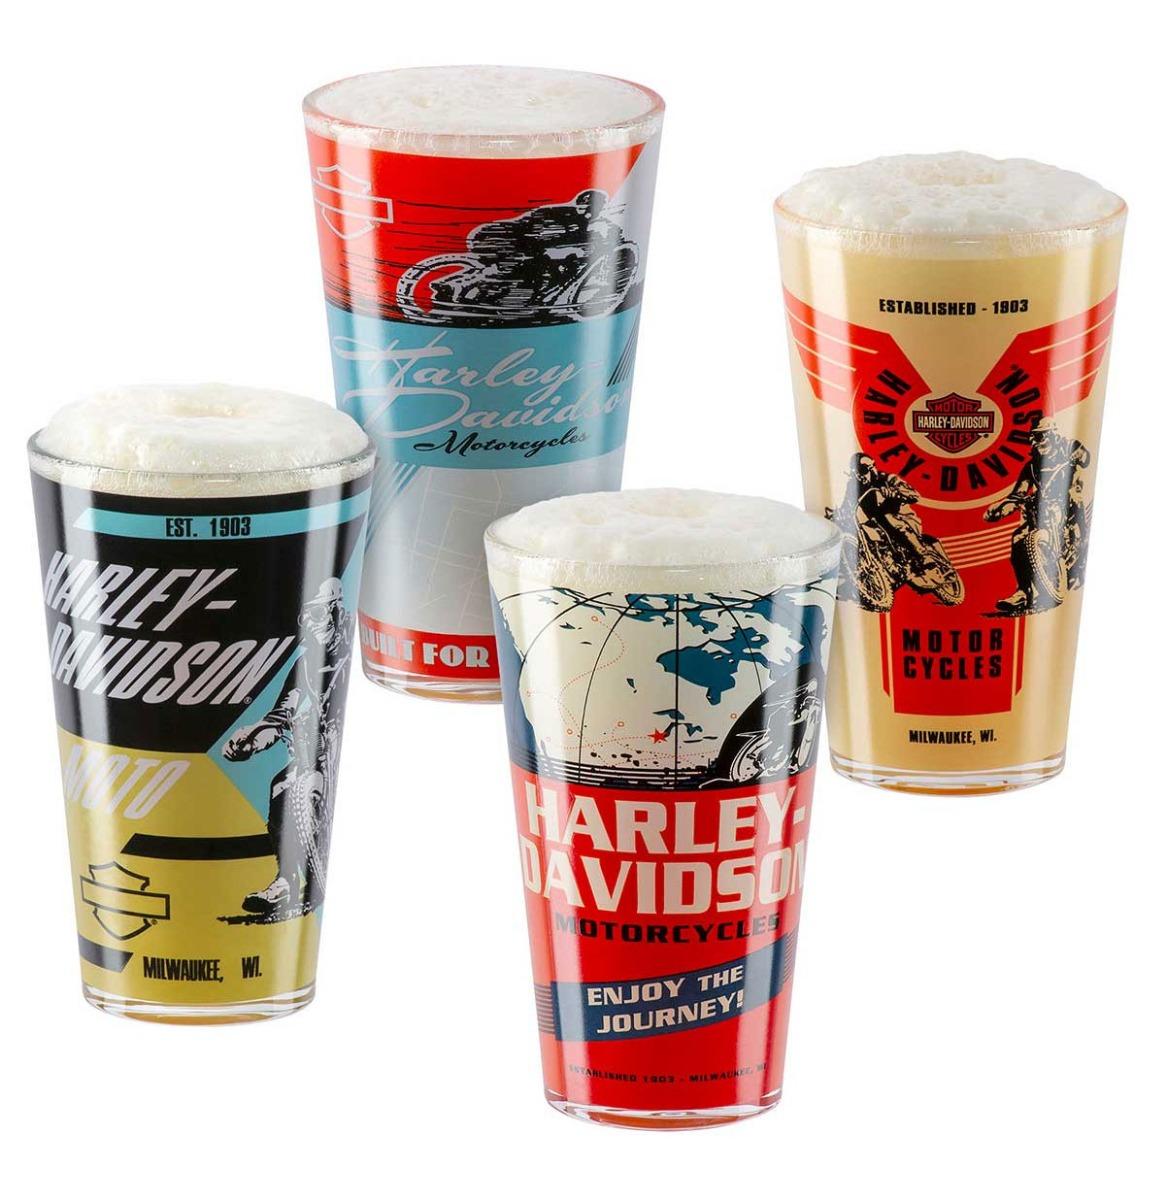 Harley Davidson Vintage Poster Pint Glas Set